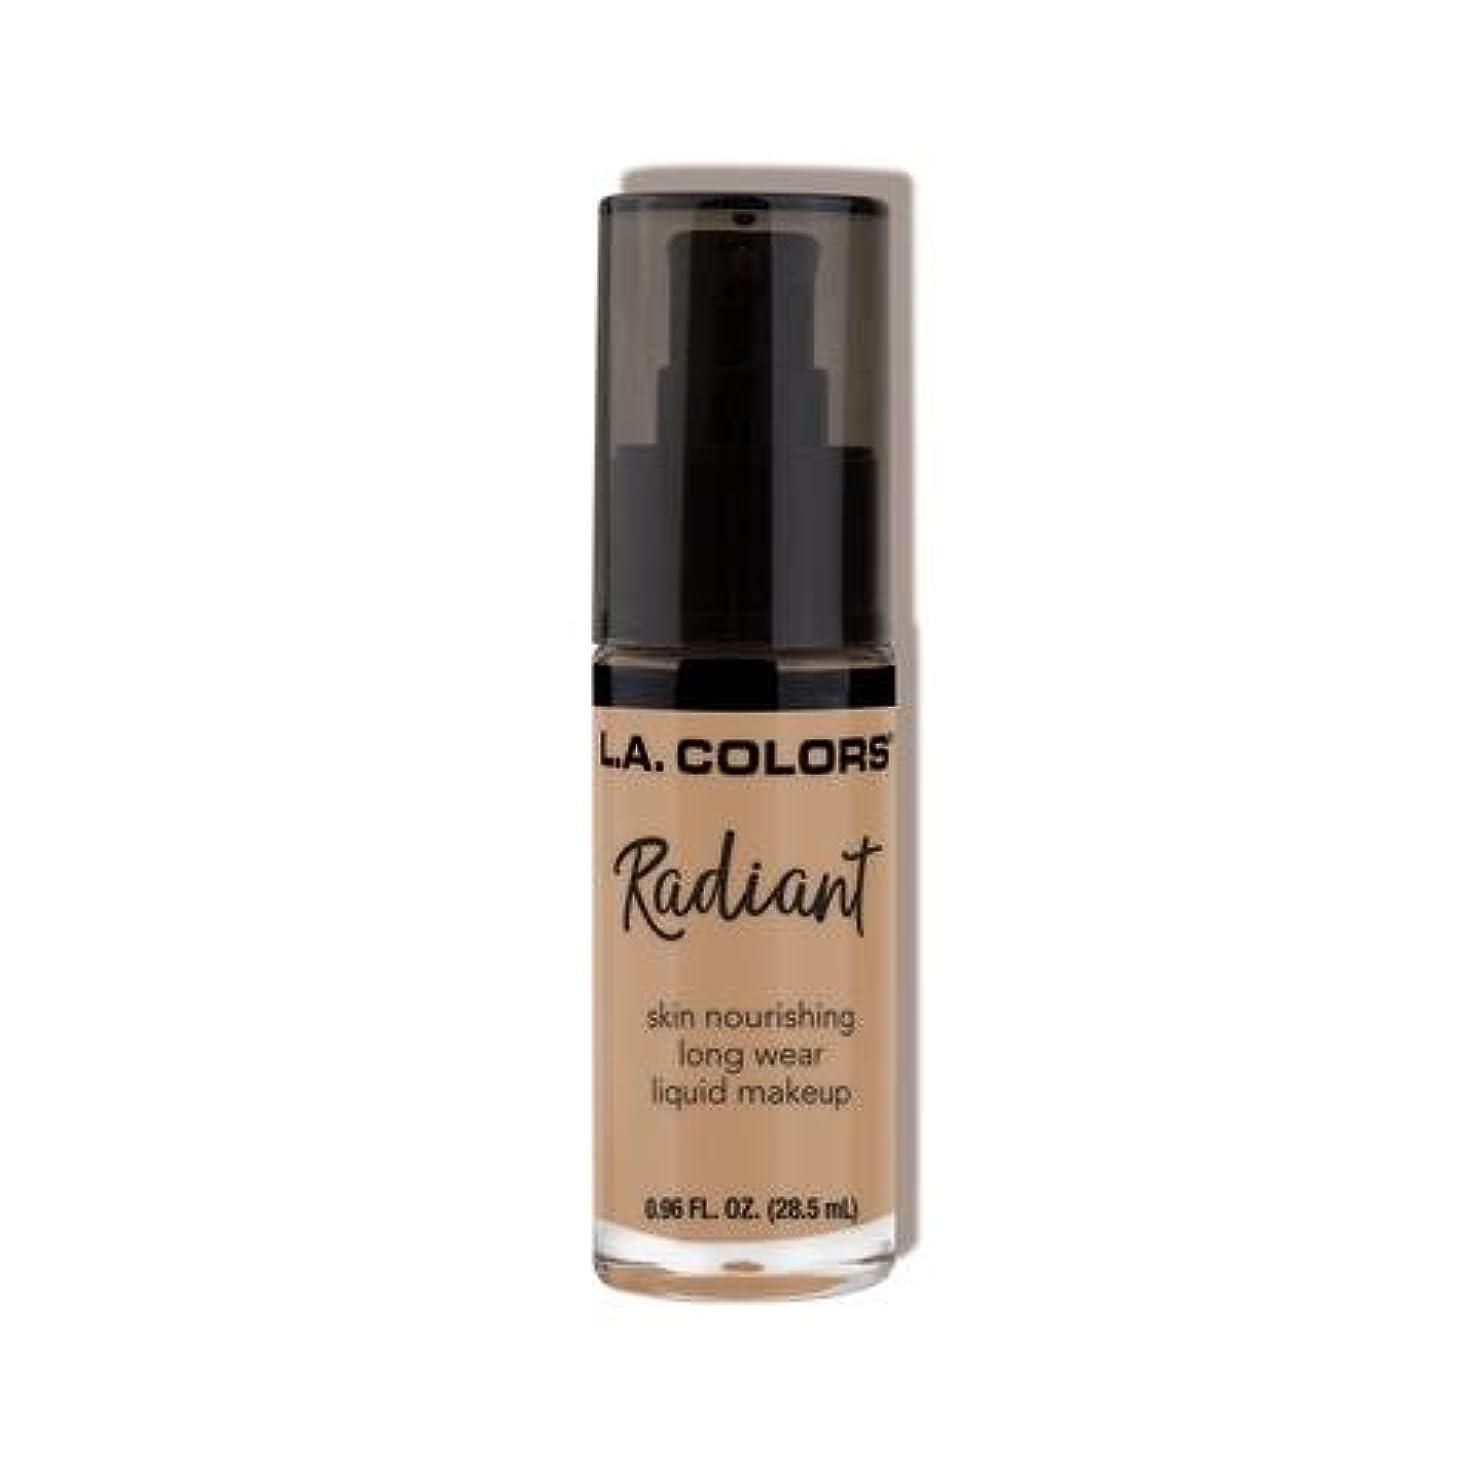 オーロック有力者姉妹(3 Pack) L.A. COLORS Radiant Liquid Makeup - Medium Beige (並行輸入品)